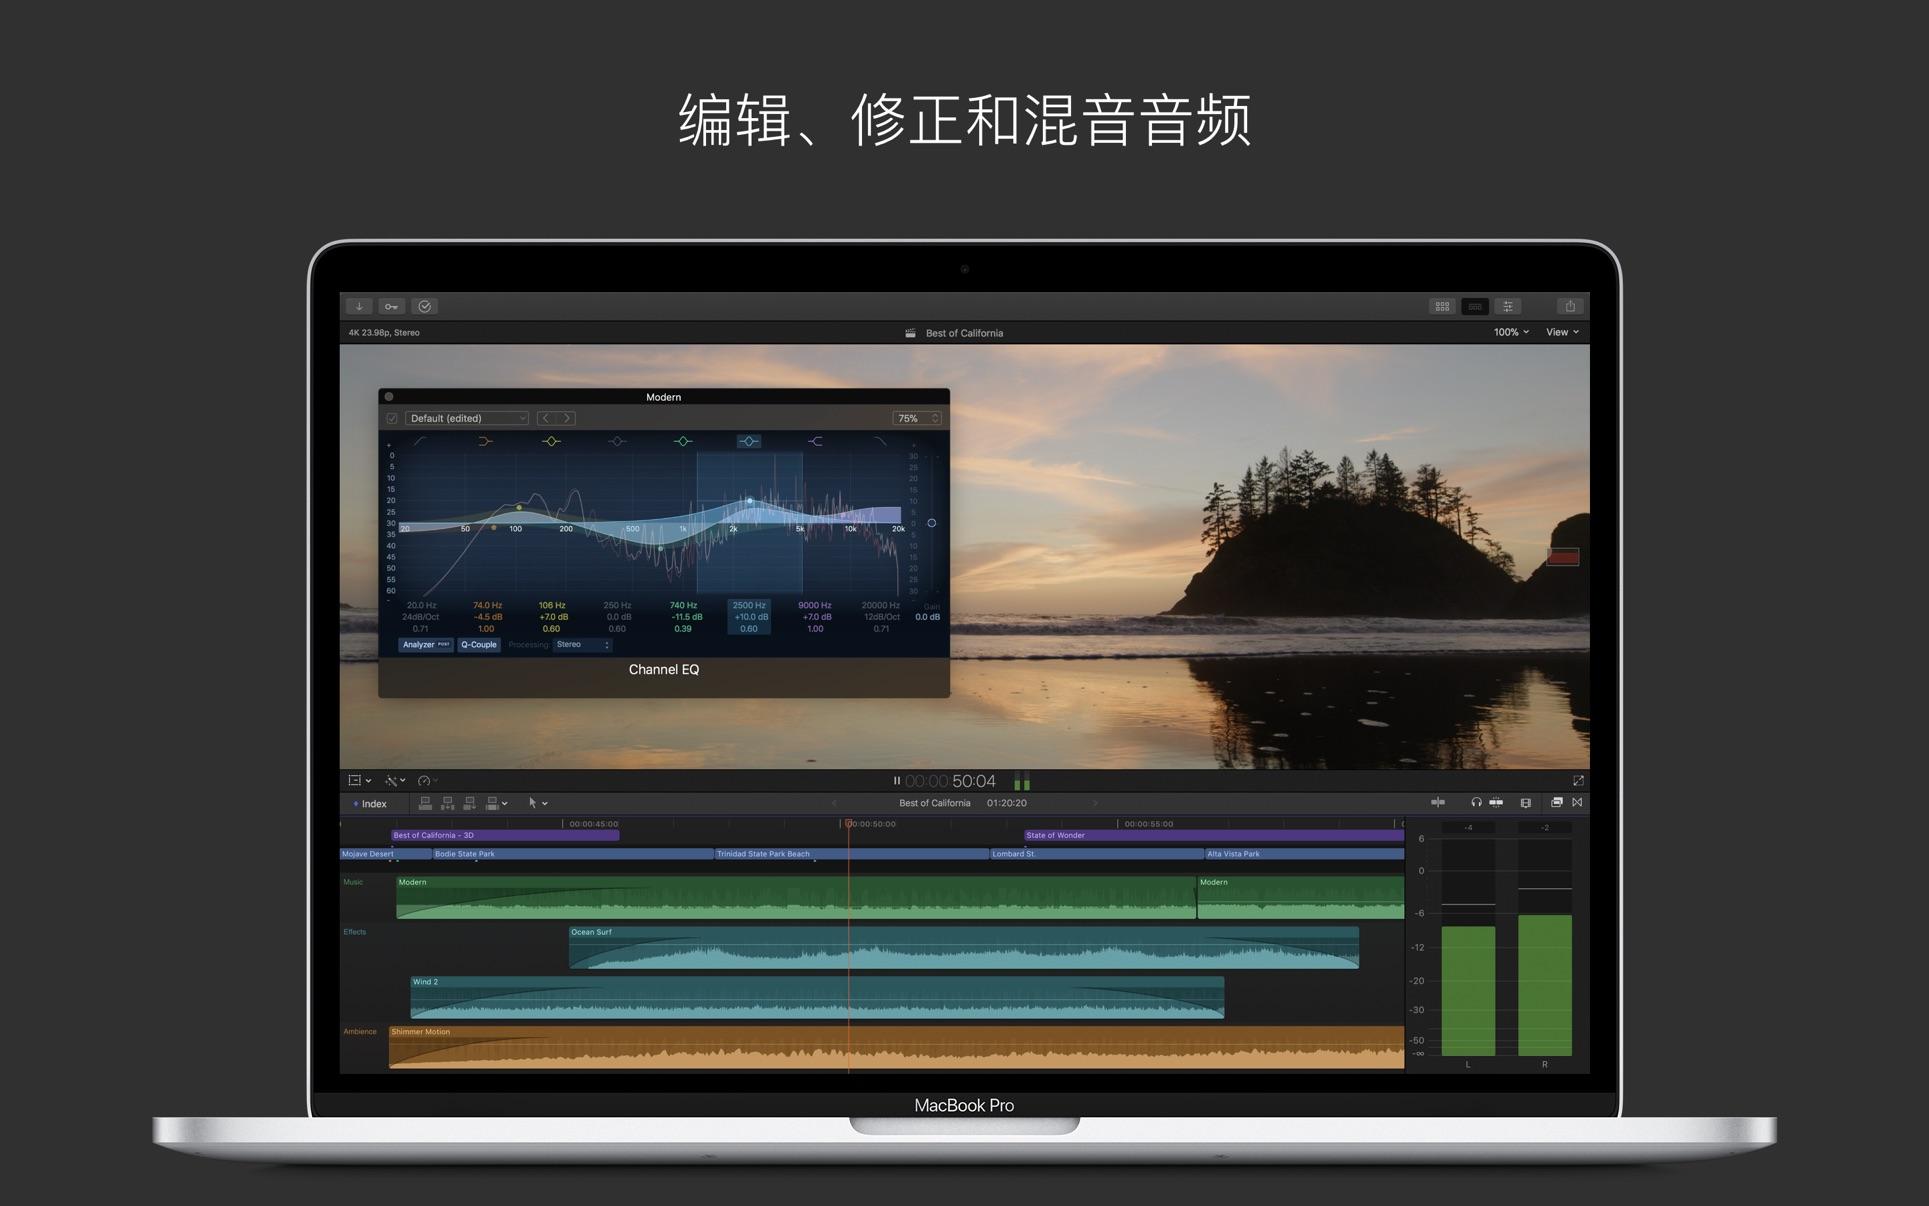 视频制作 Final Cut Pro X Mac 破解版 最强大视频后期制作软件-麦氪派